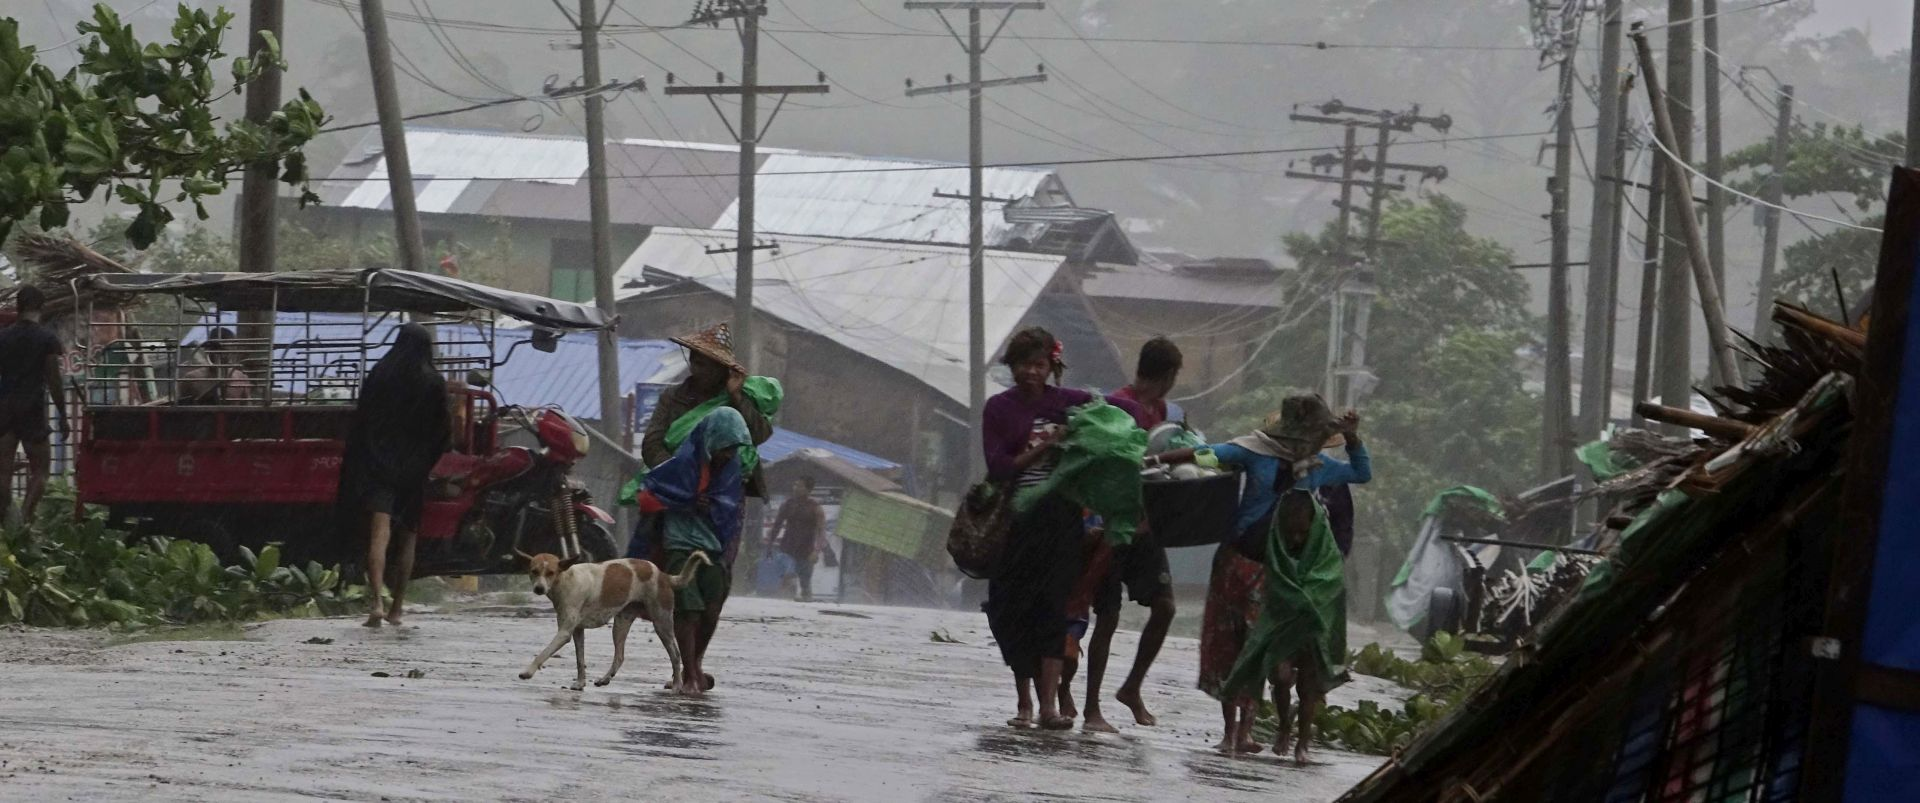 MONSUNSKE KIŠE U BANGLADEŠU Najmanje 61 sooba poginula u odronima zemlje